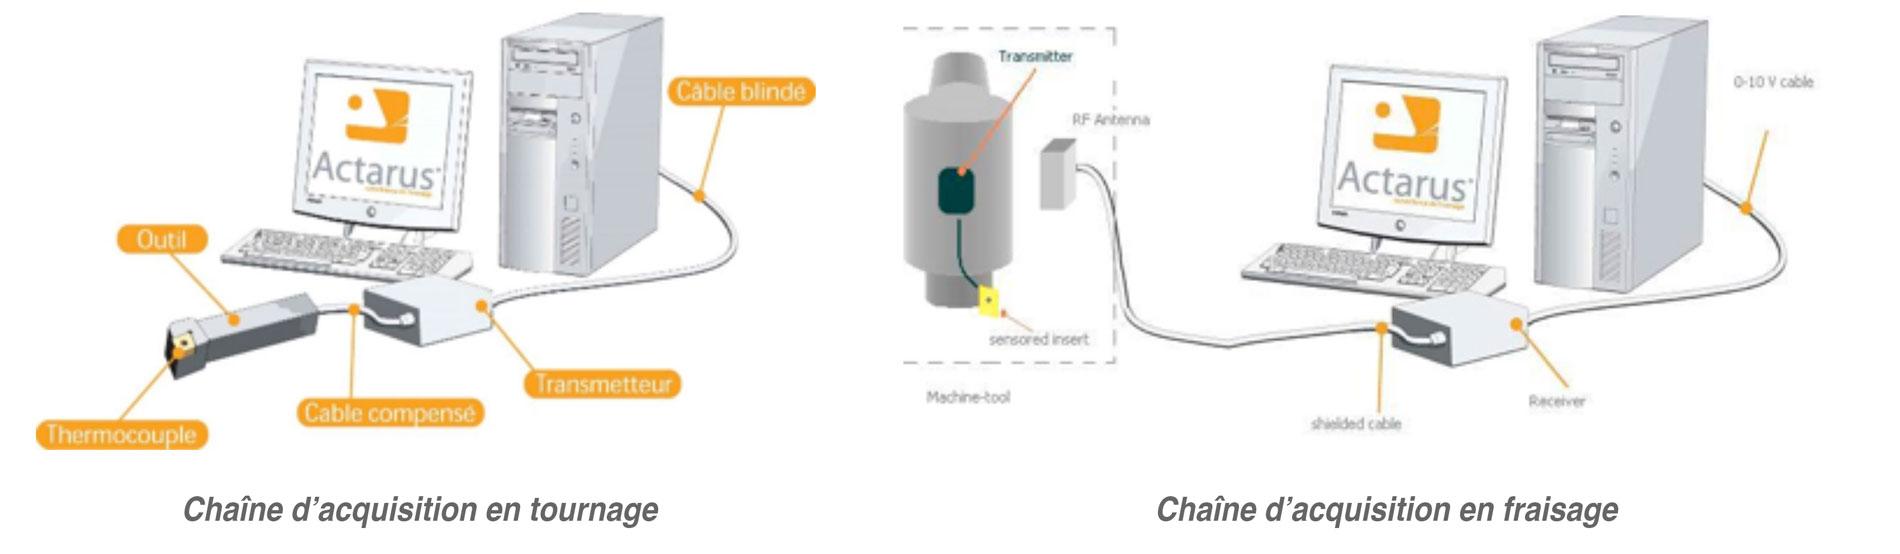 chaine_acquisition